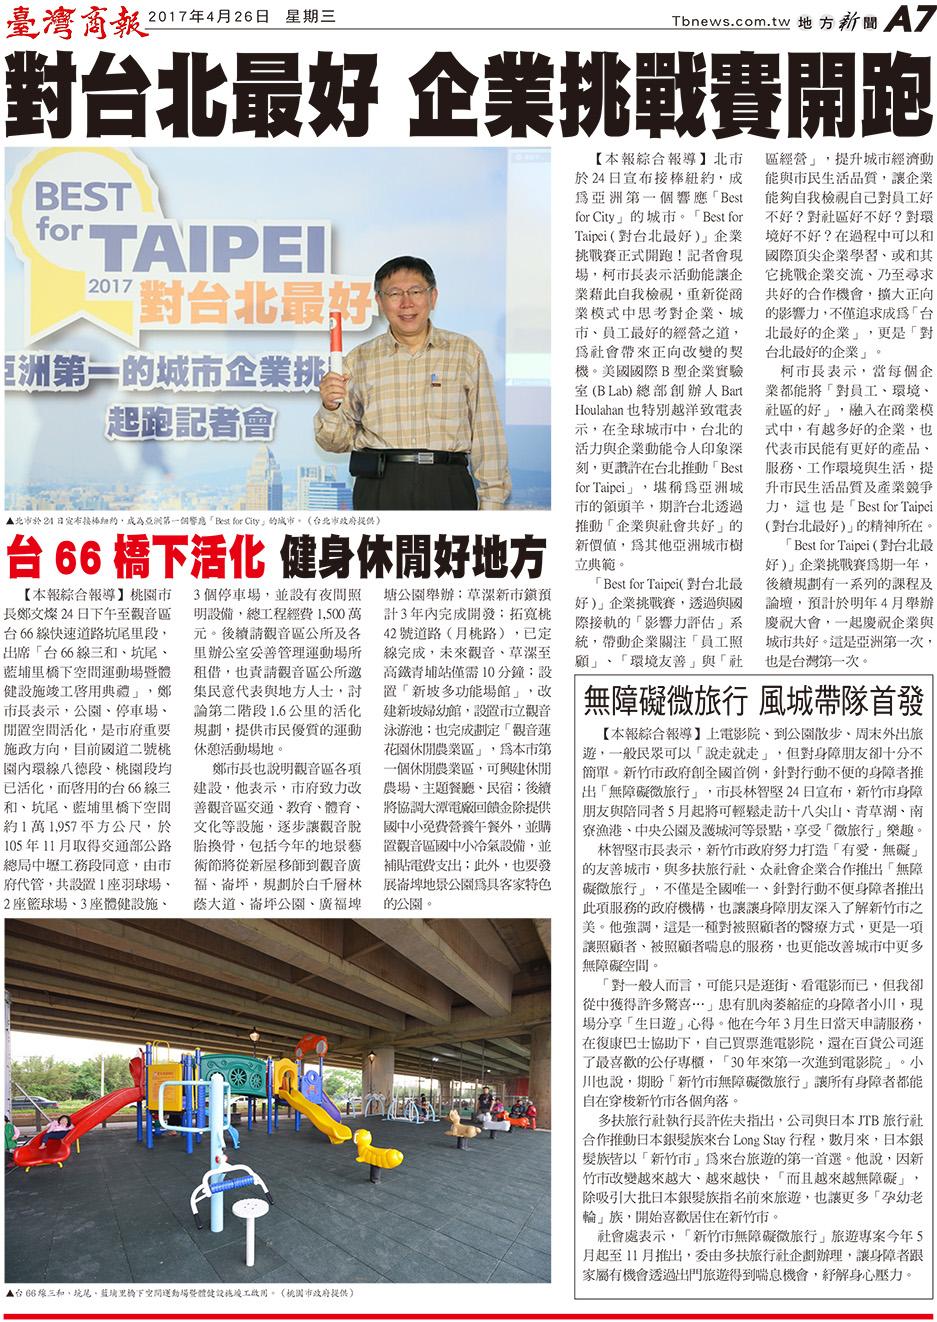 對台北最好 企業挑戰賽開跑